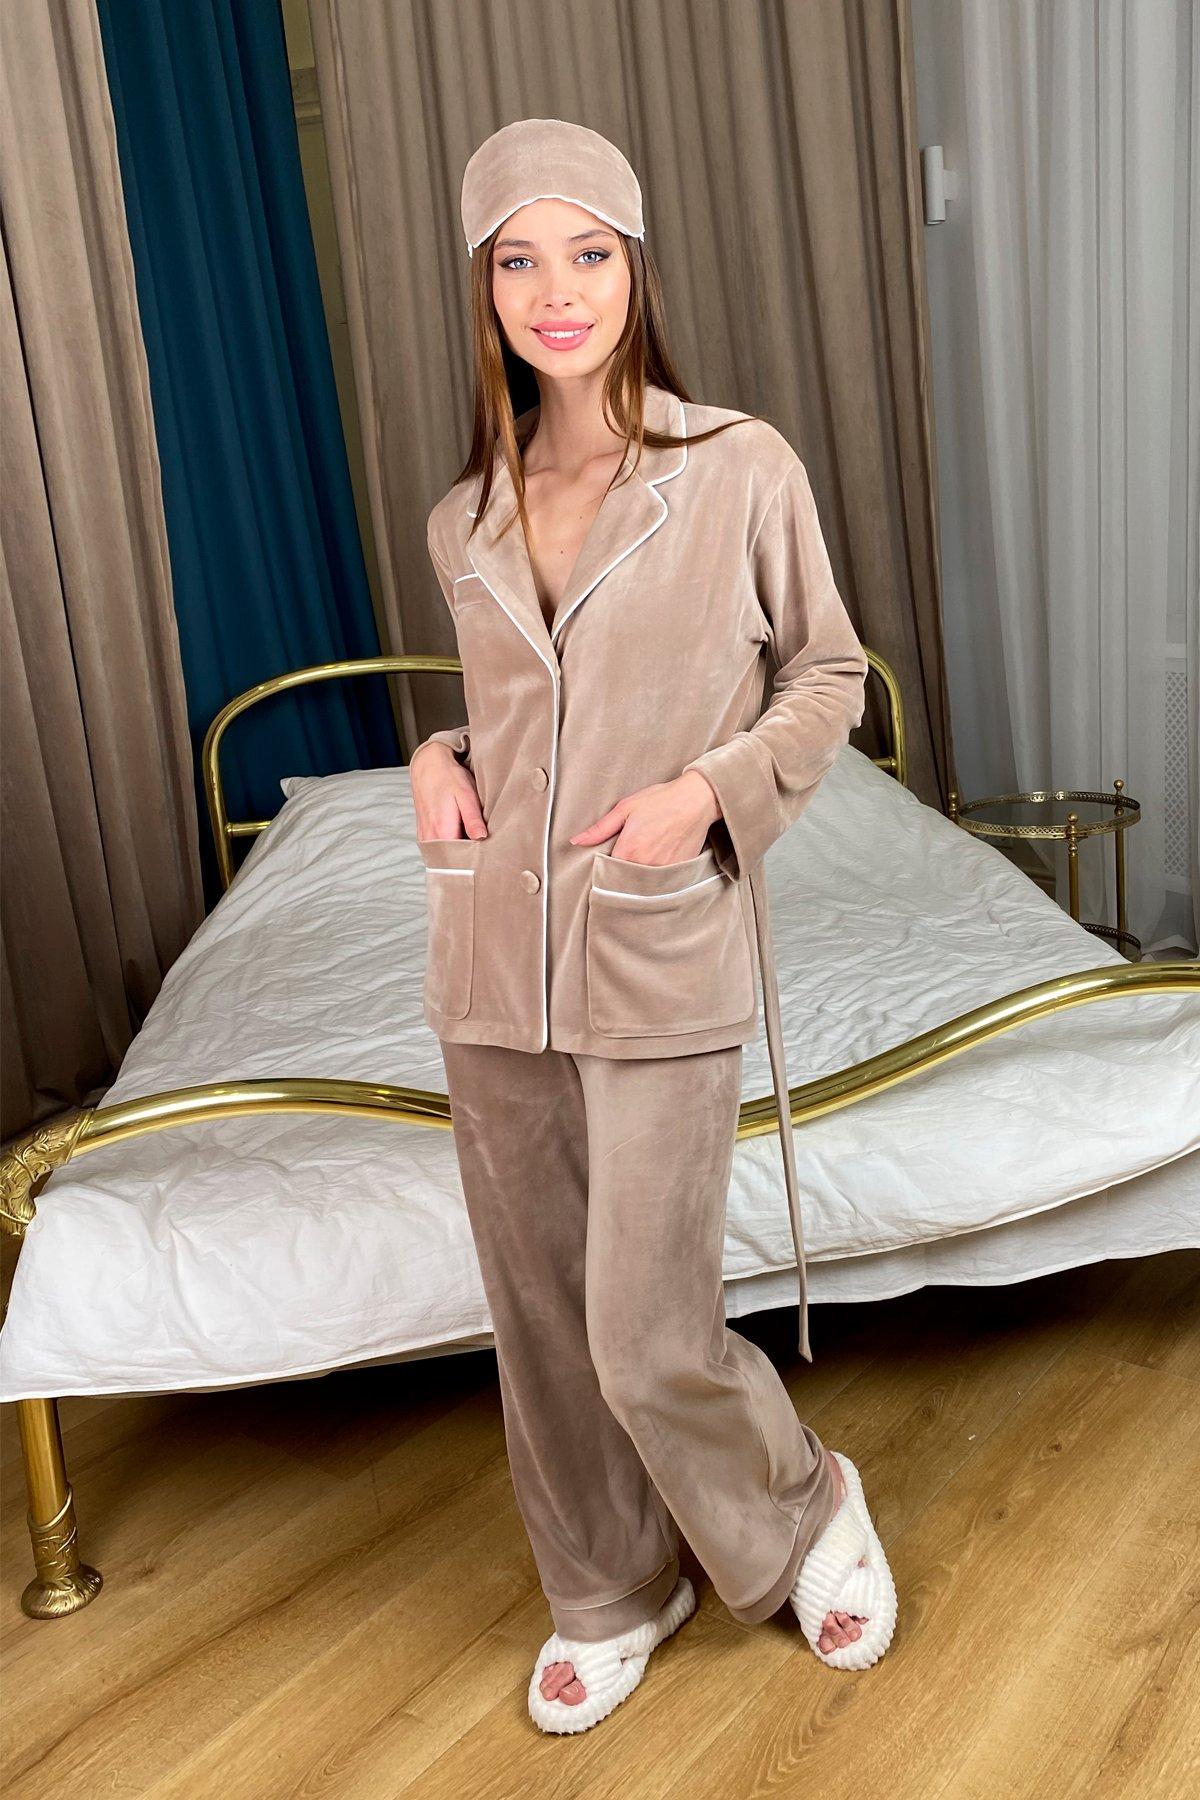 Шайн пижама велюр жакет брюки маска для сна 10353 Цвет: Бежевый Темный